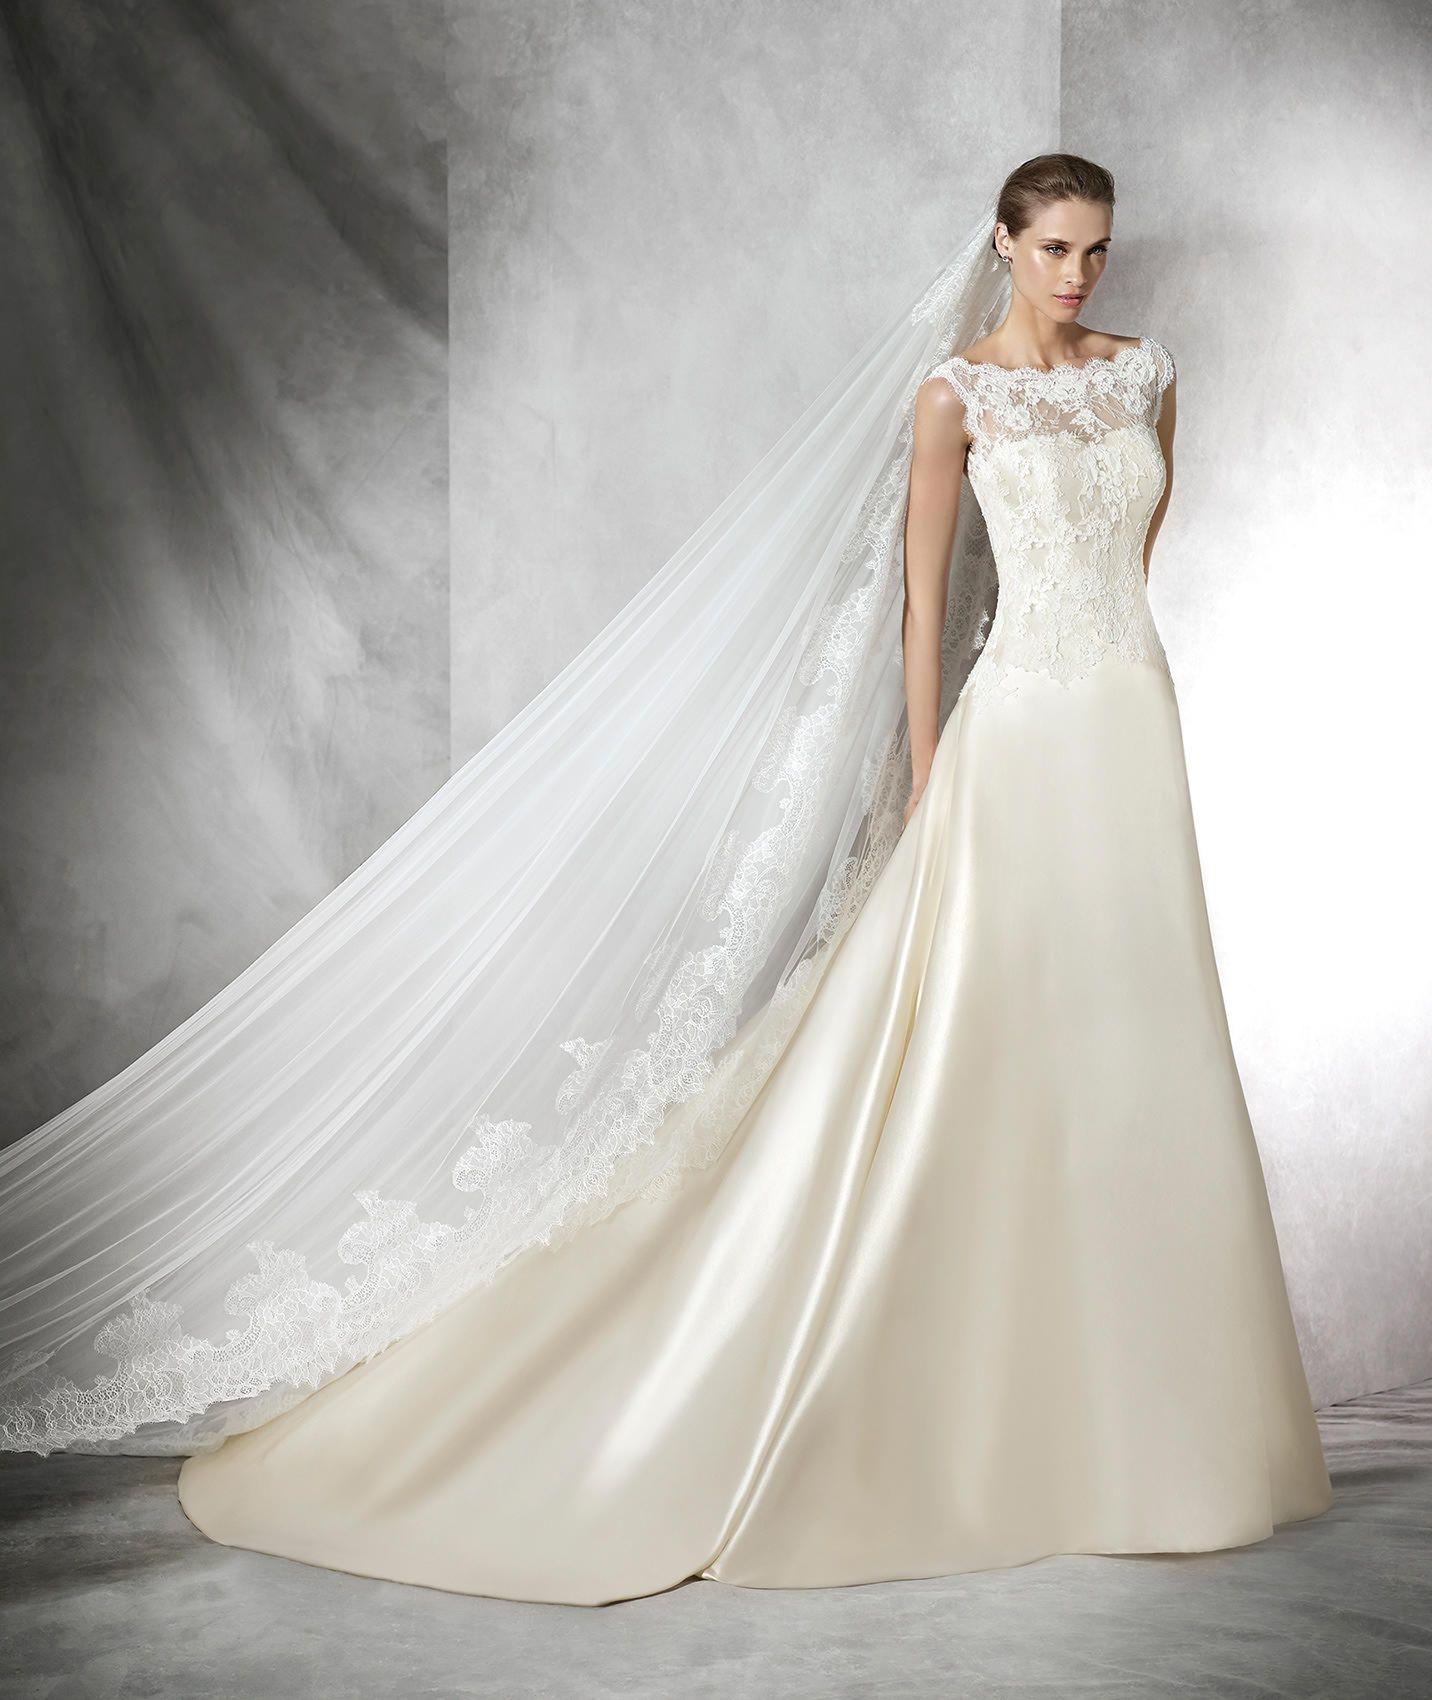 TARIFA - Sexy Brautkleid mit herzförmigem Dekolleté | Taffeta ...